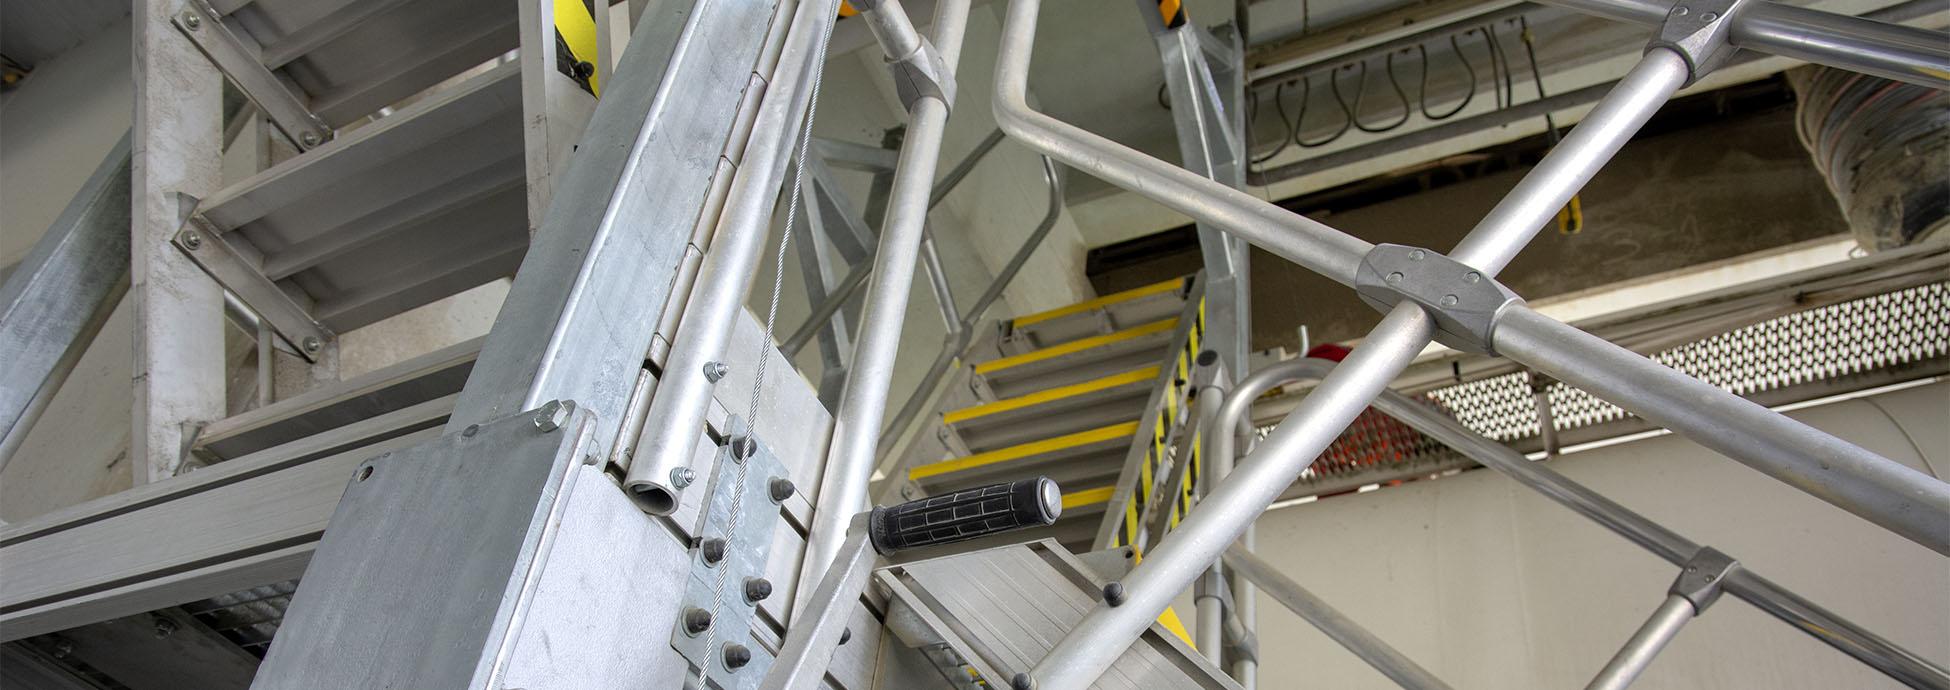 Stacjonarne schody z platformą z dodatkowo odchylanymi stopniami do obsługi pojazdów silosowych o różnej wysokości